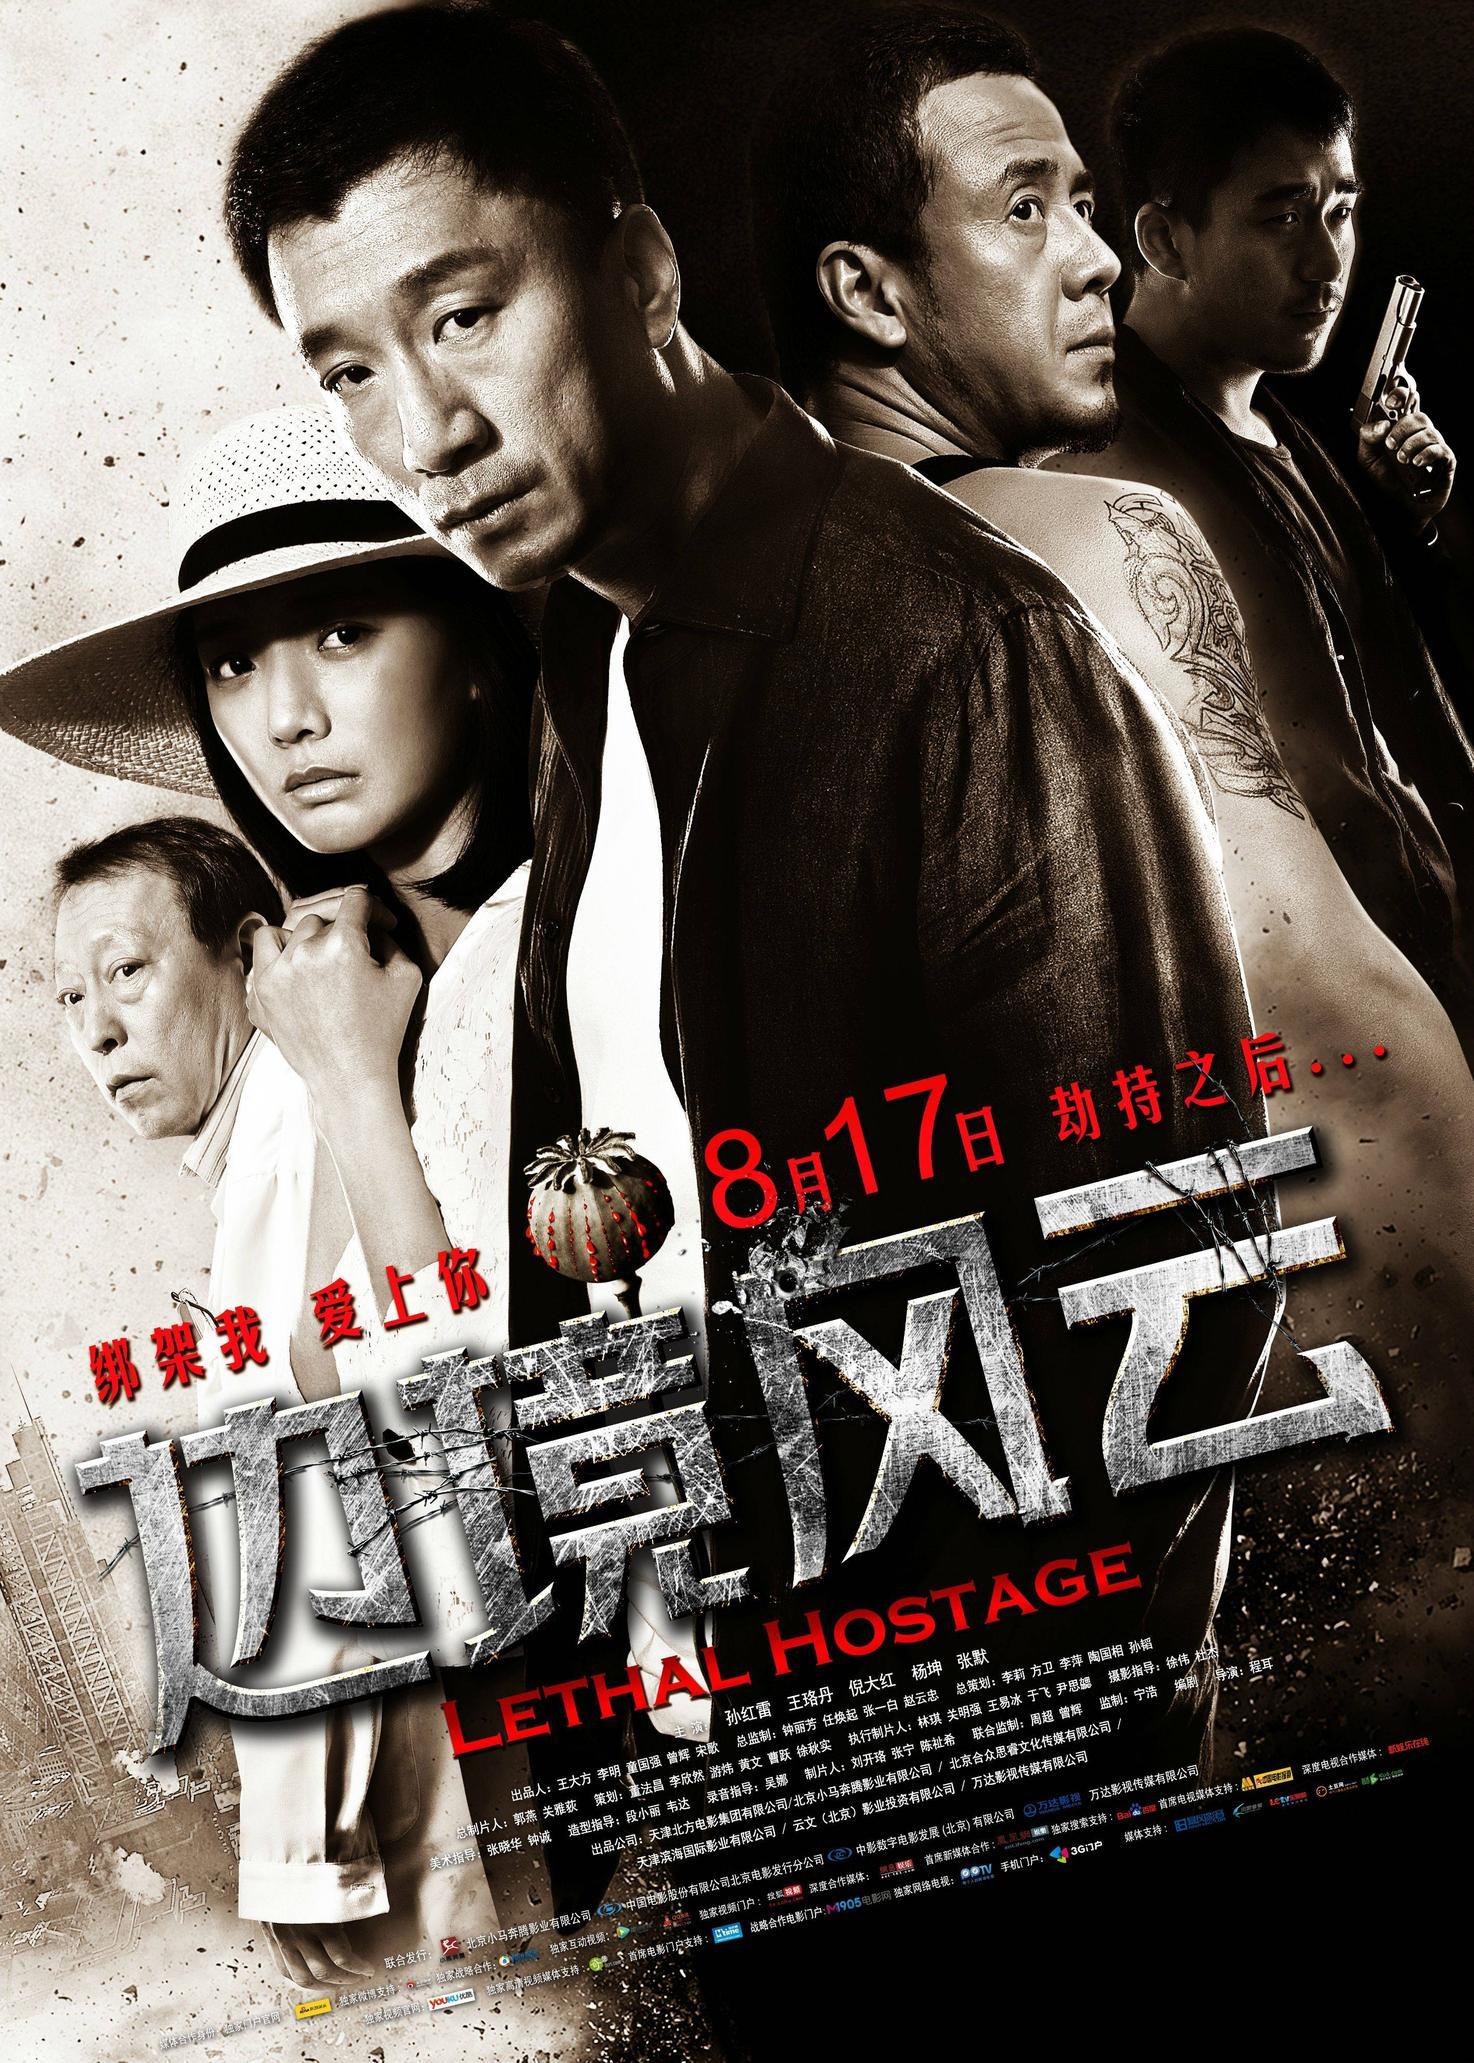 经典电影《边境风云》孙红雷/王珞丹2012年剧情720p.HD国语中字